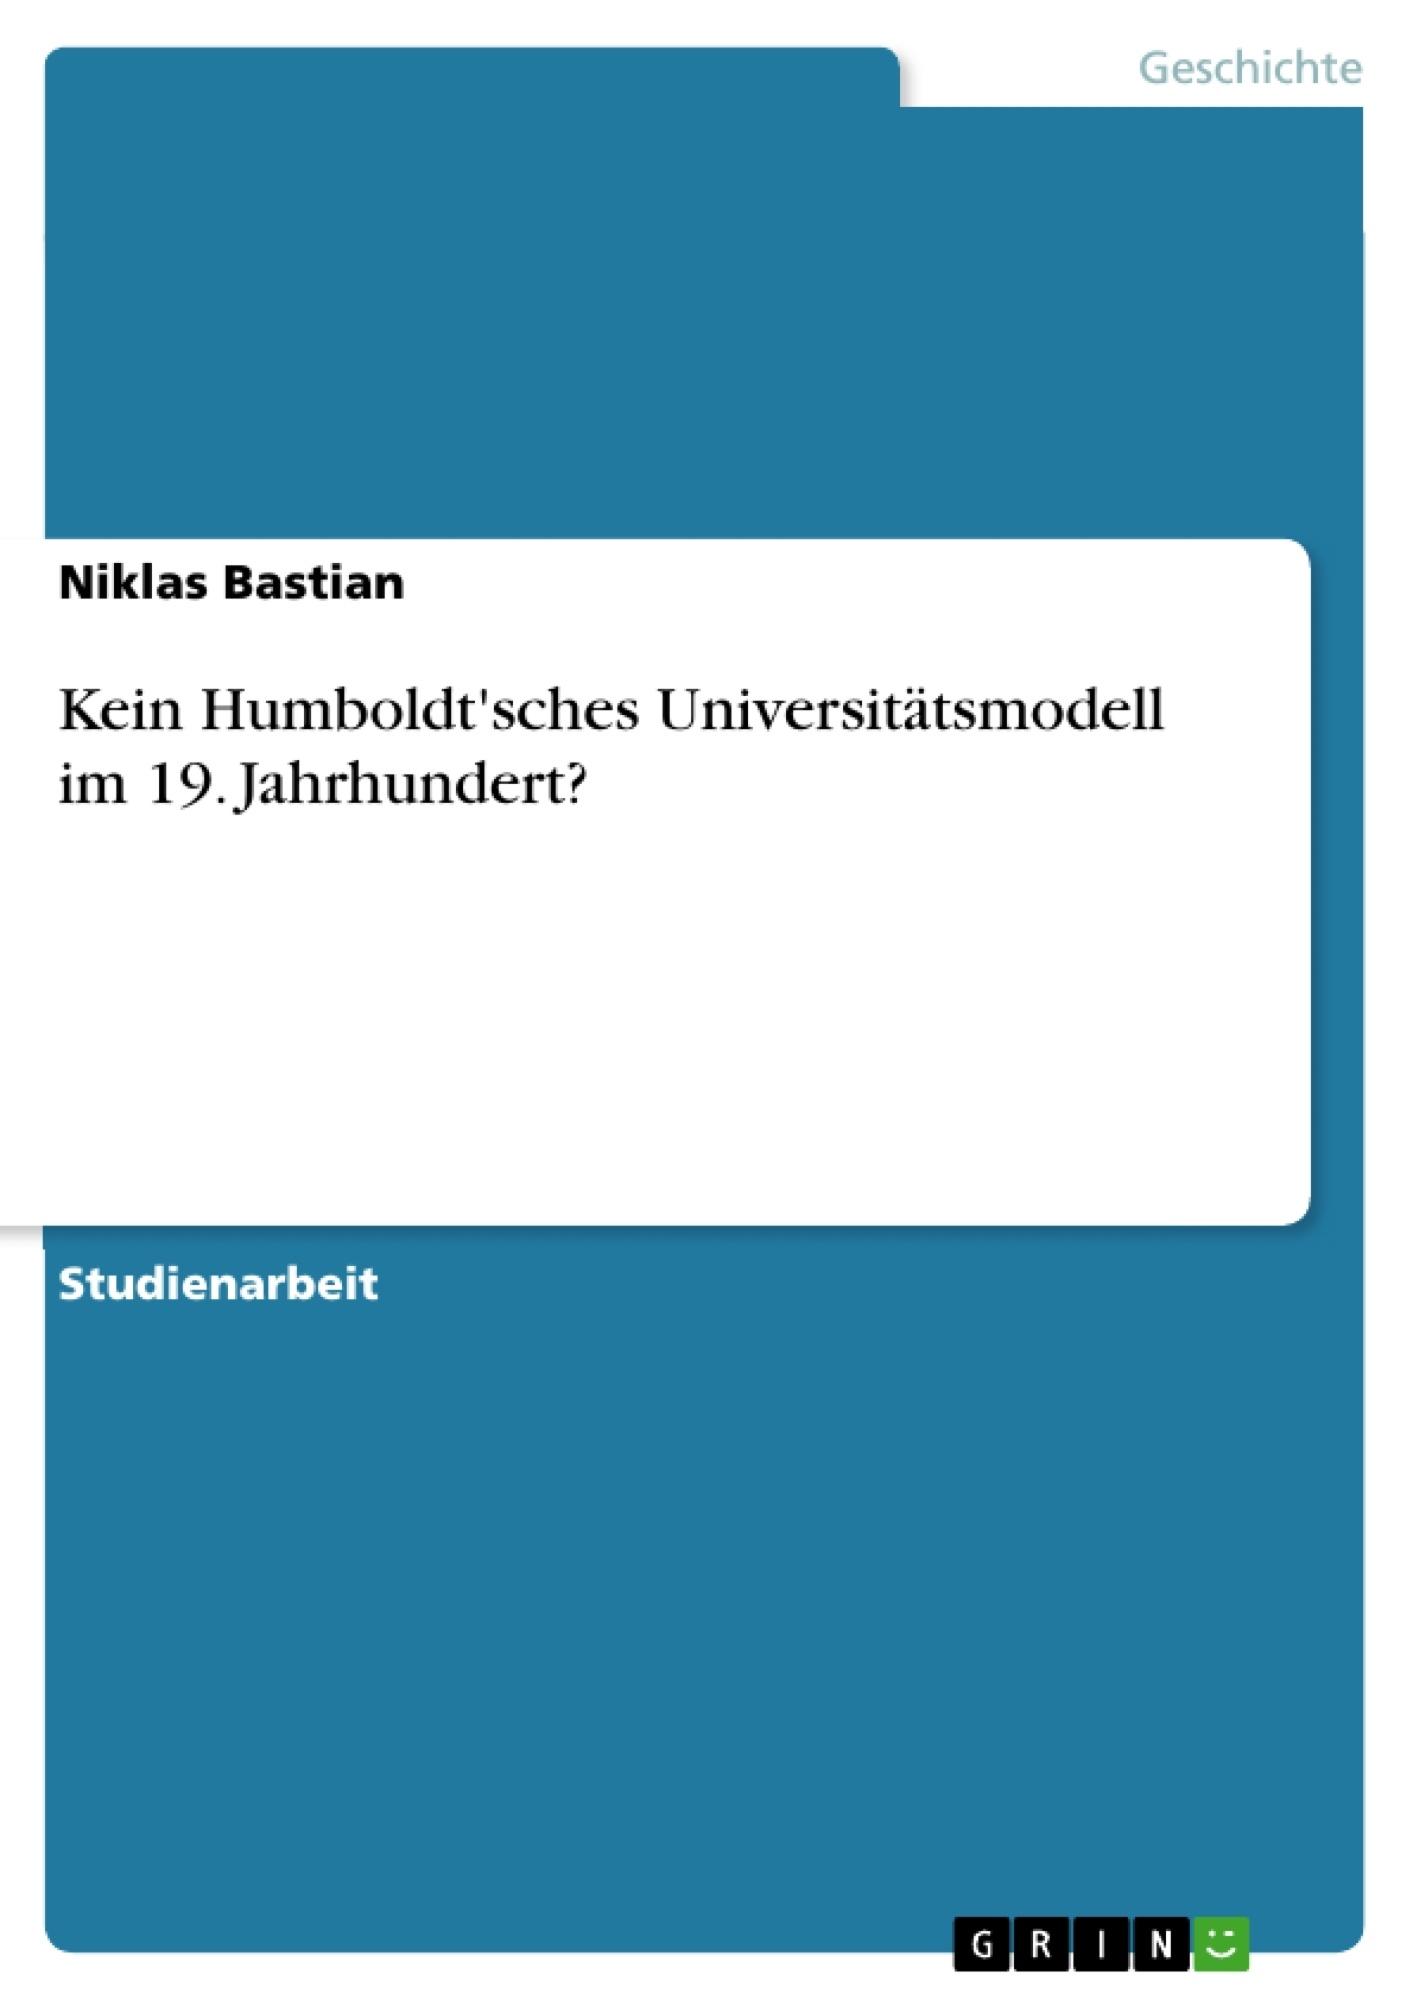 Titel: Kein Humboldt'sches Universitätsmodell im 19. Jahrhundert?